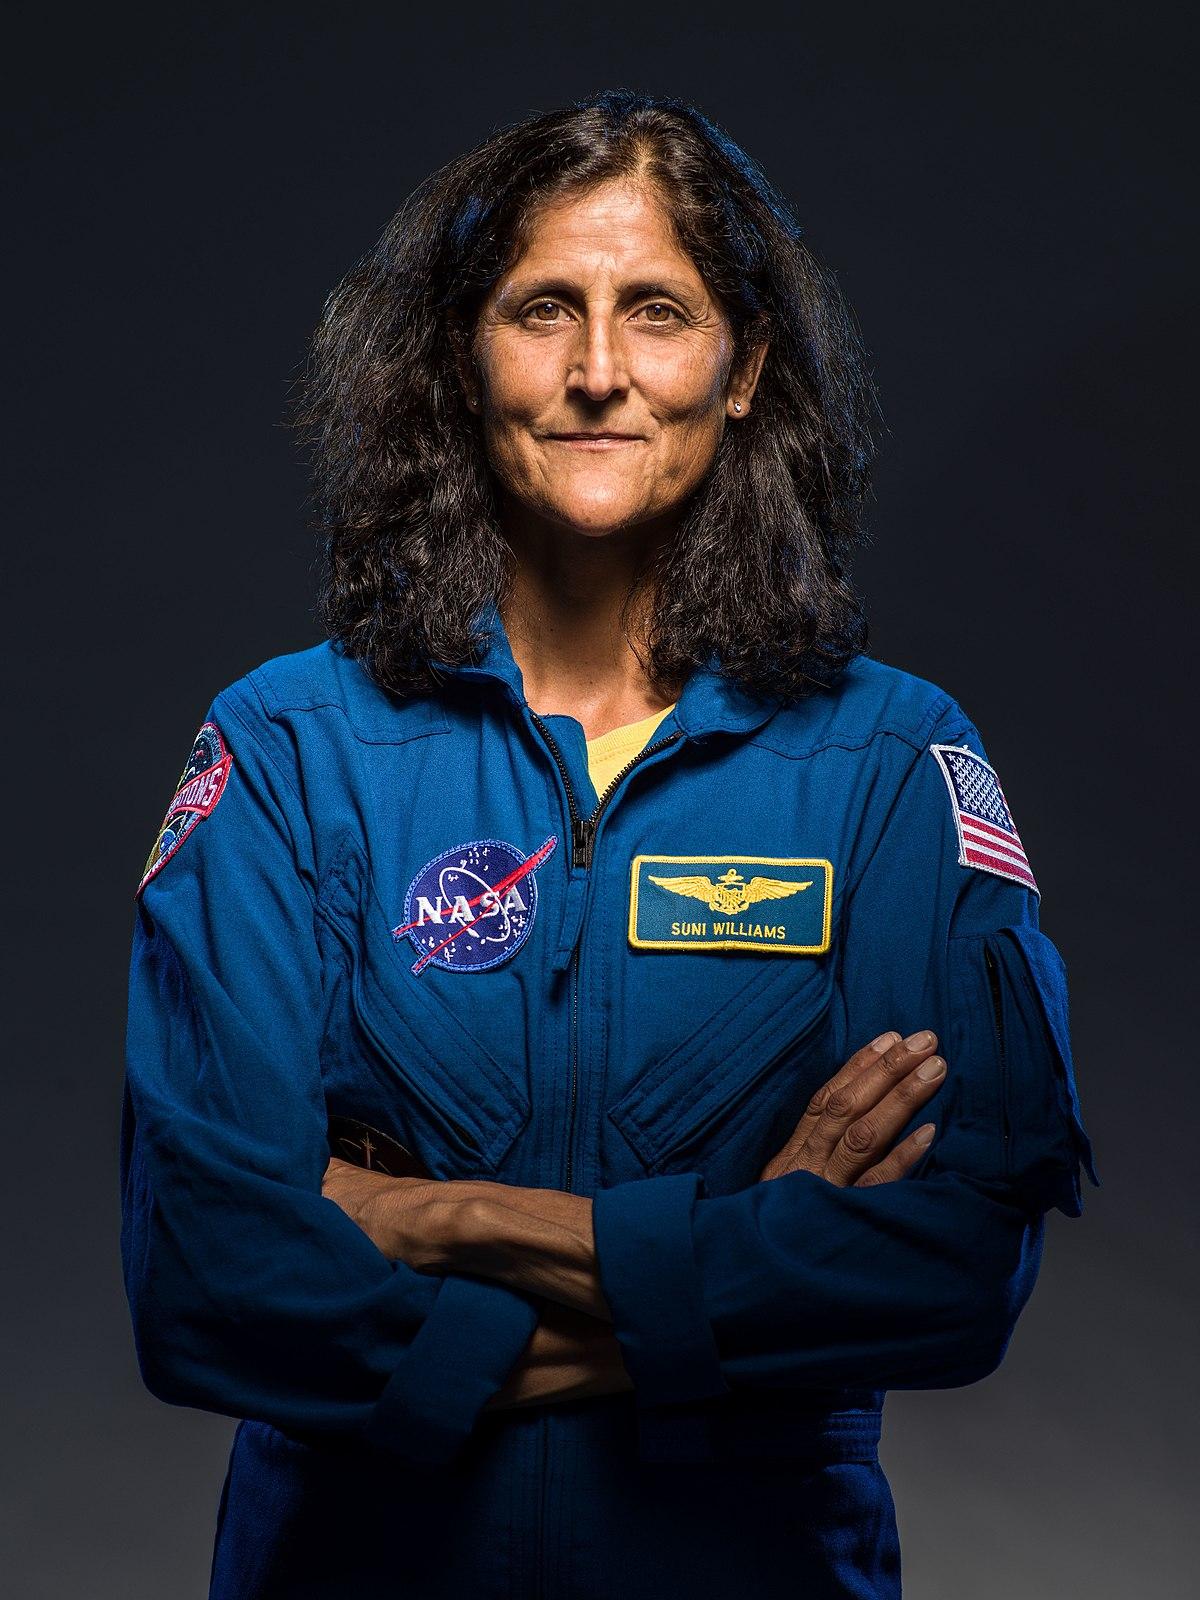 d5bfa735b6 Sunita Williams - Wikipedia